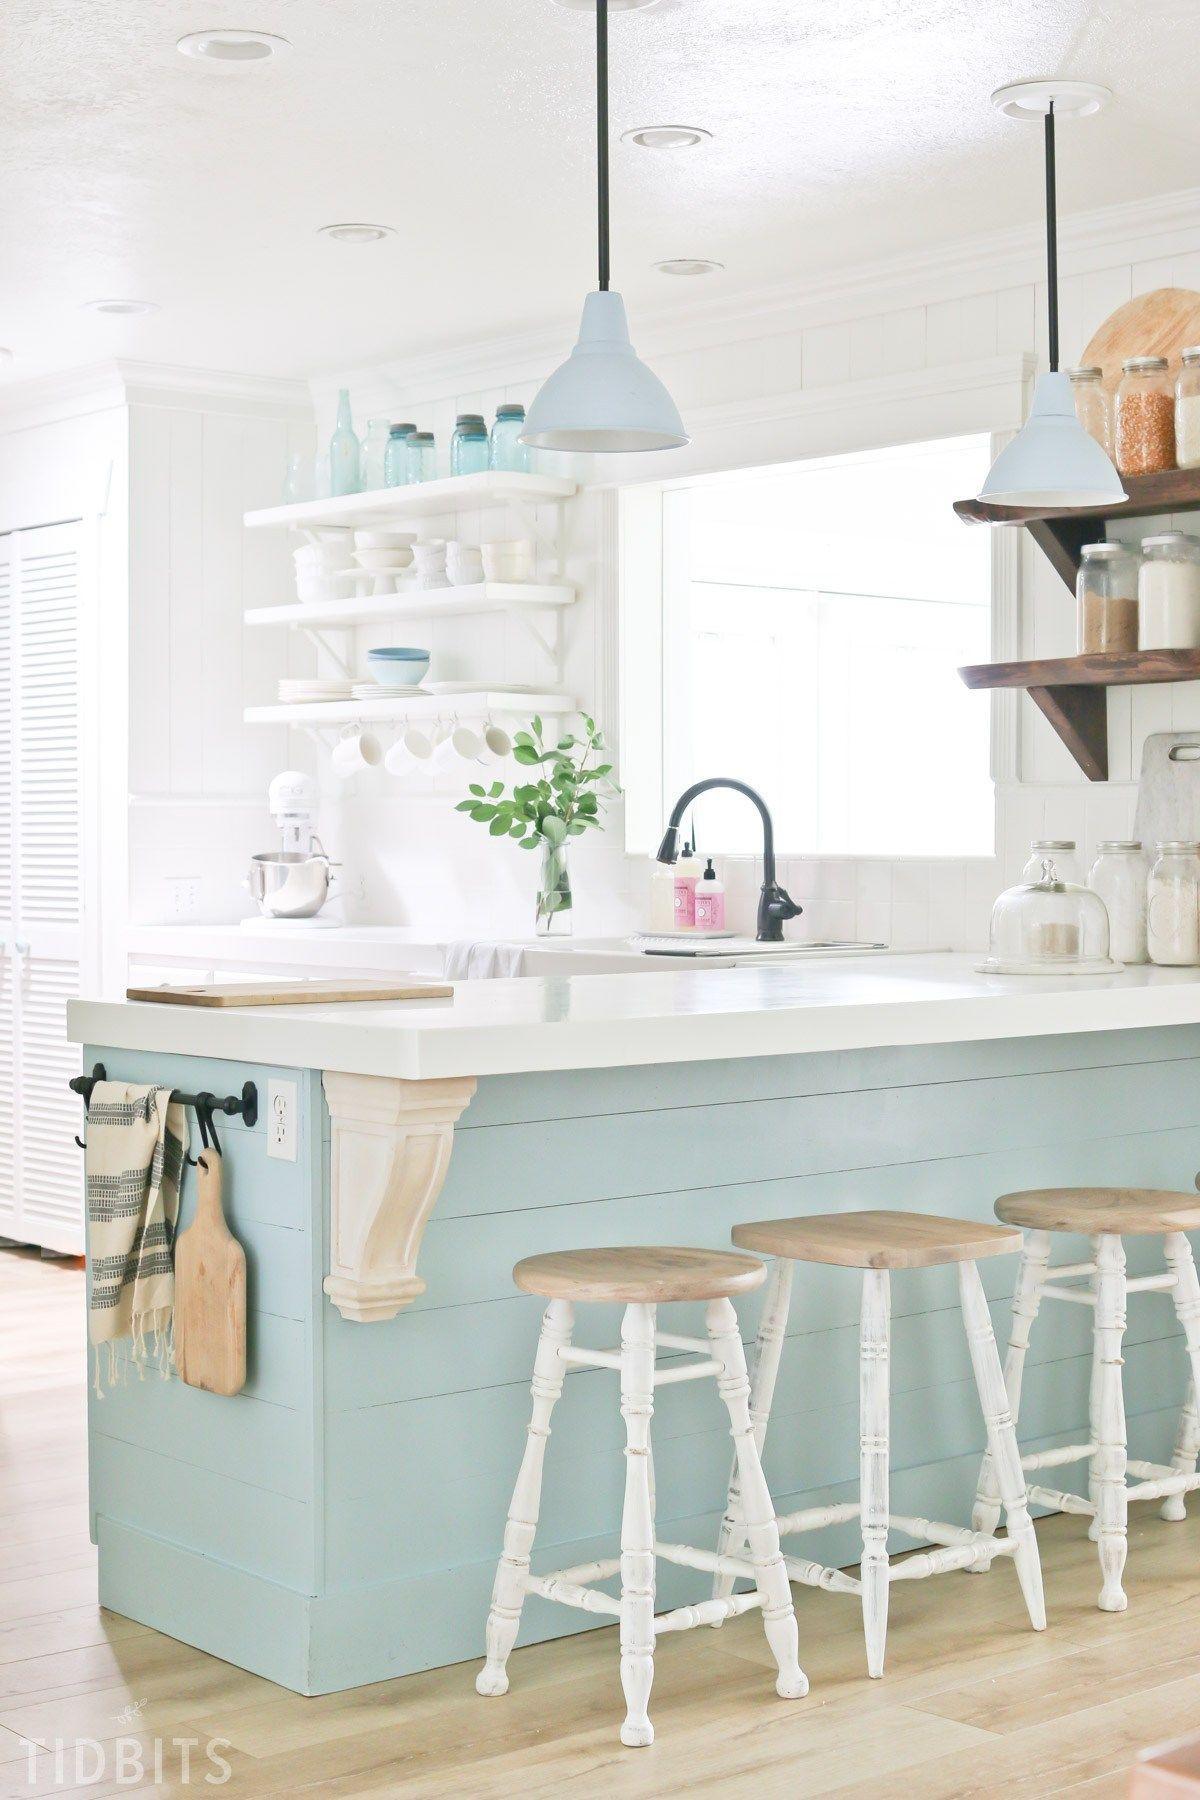 New laminate flooring revealin the kitchen kitchen island on